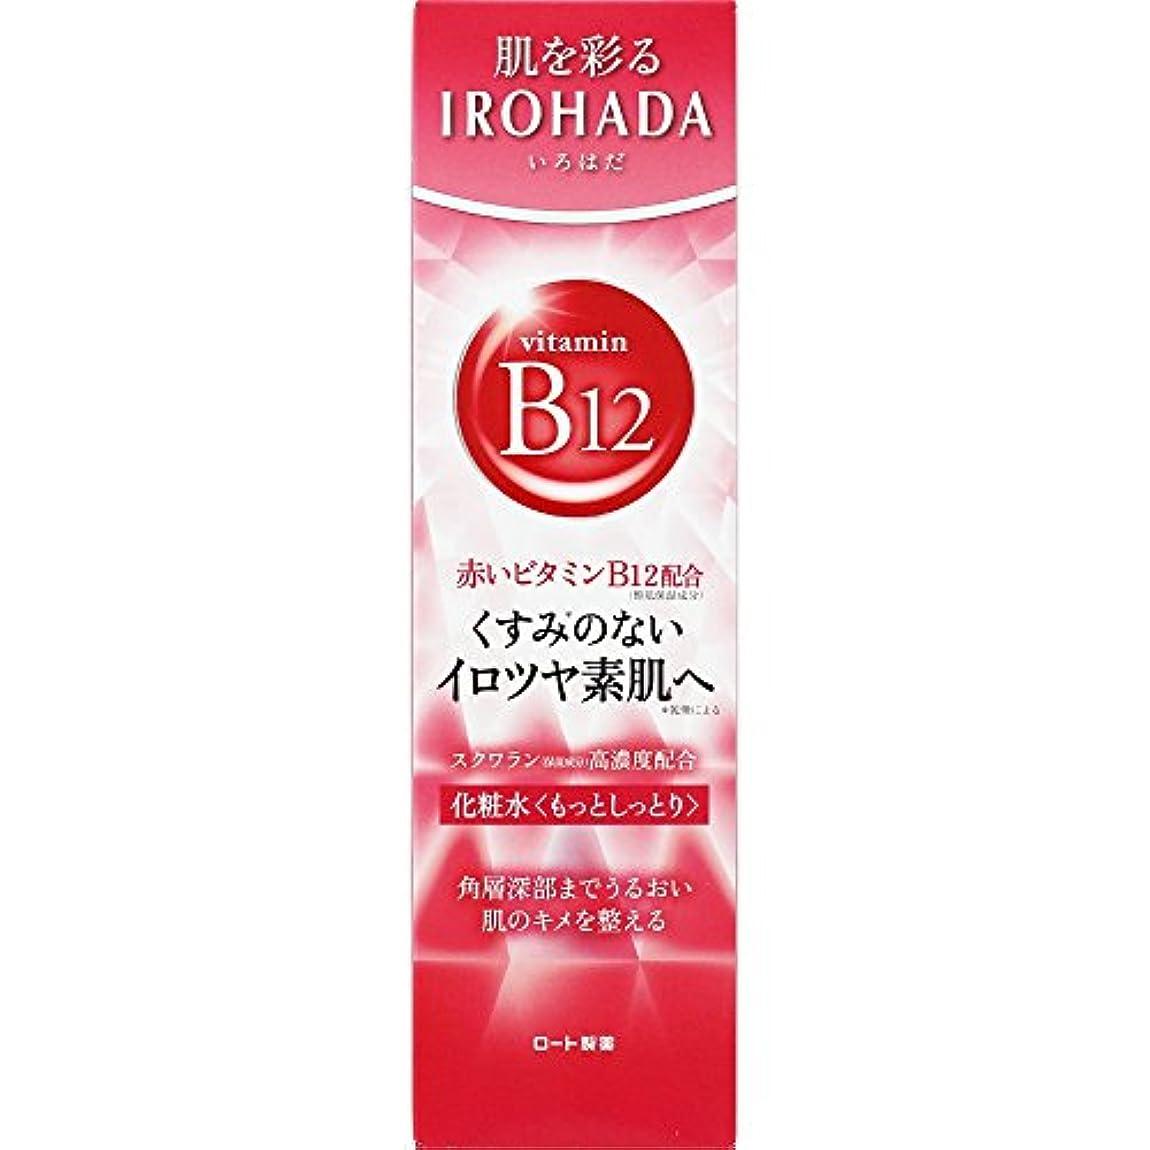 バスタブファシズム公式ロート製薬 いろはだ (IROHADA) 赤いビタミンB12×スクワラン配合 化粧水もっとしっとり 160ml